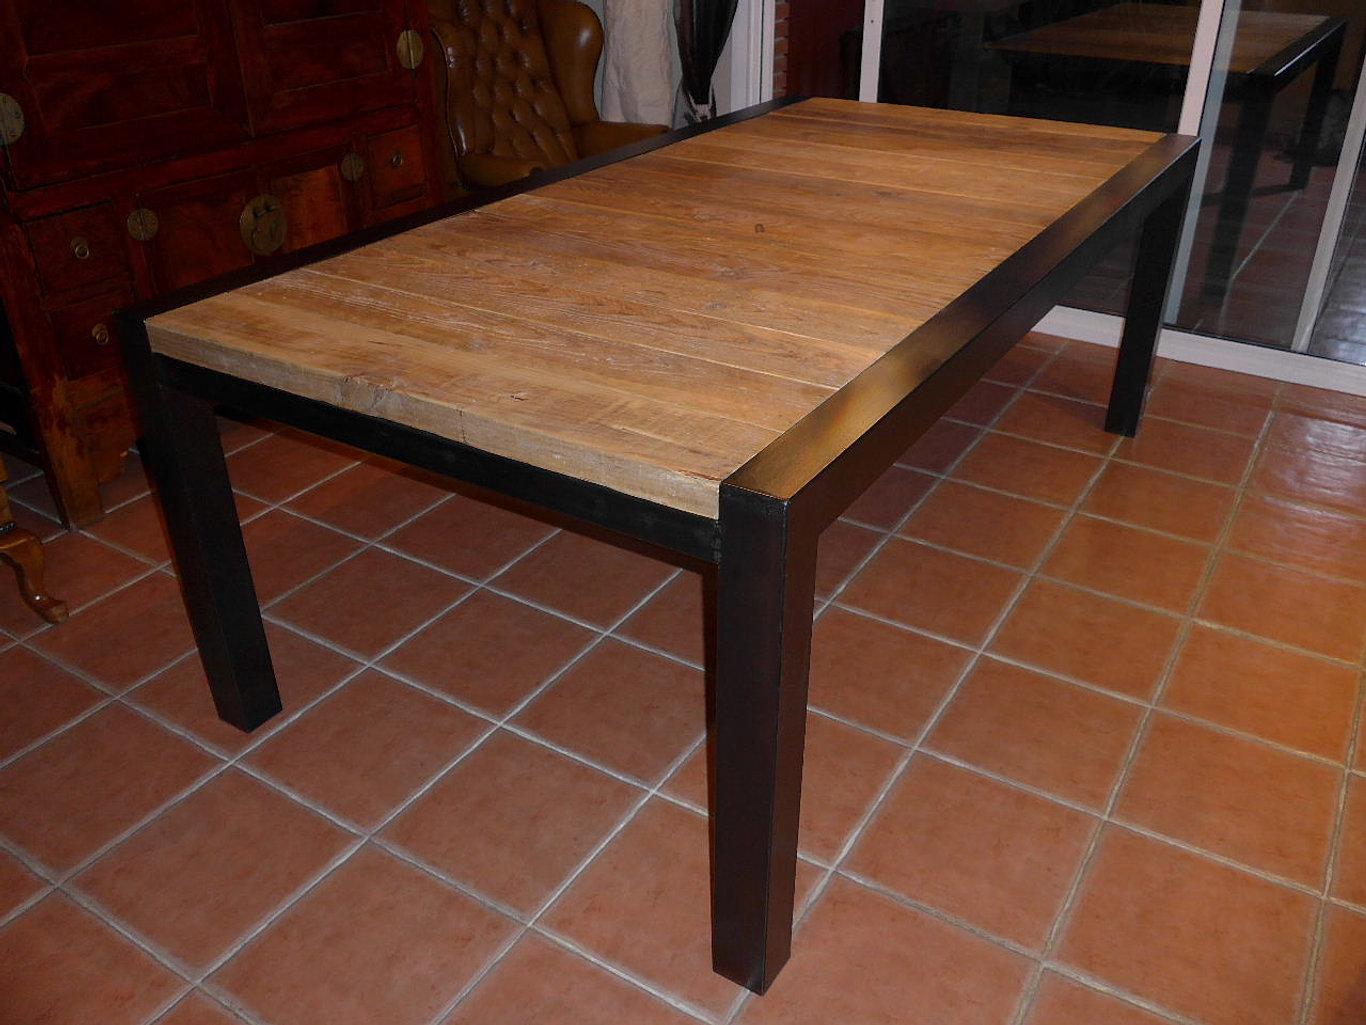 Muebles de dise o y de estilo industrial muebles metal y for Muebles design barcelona